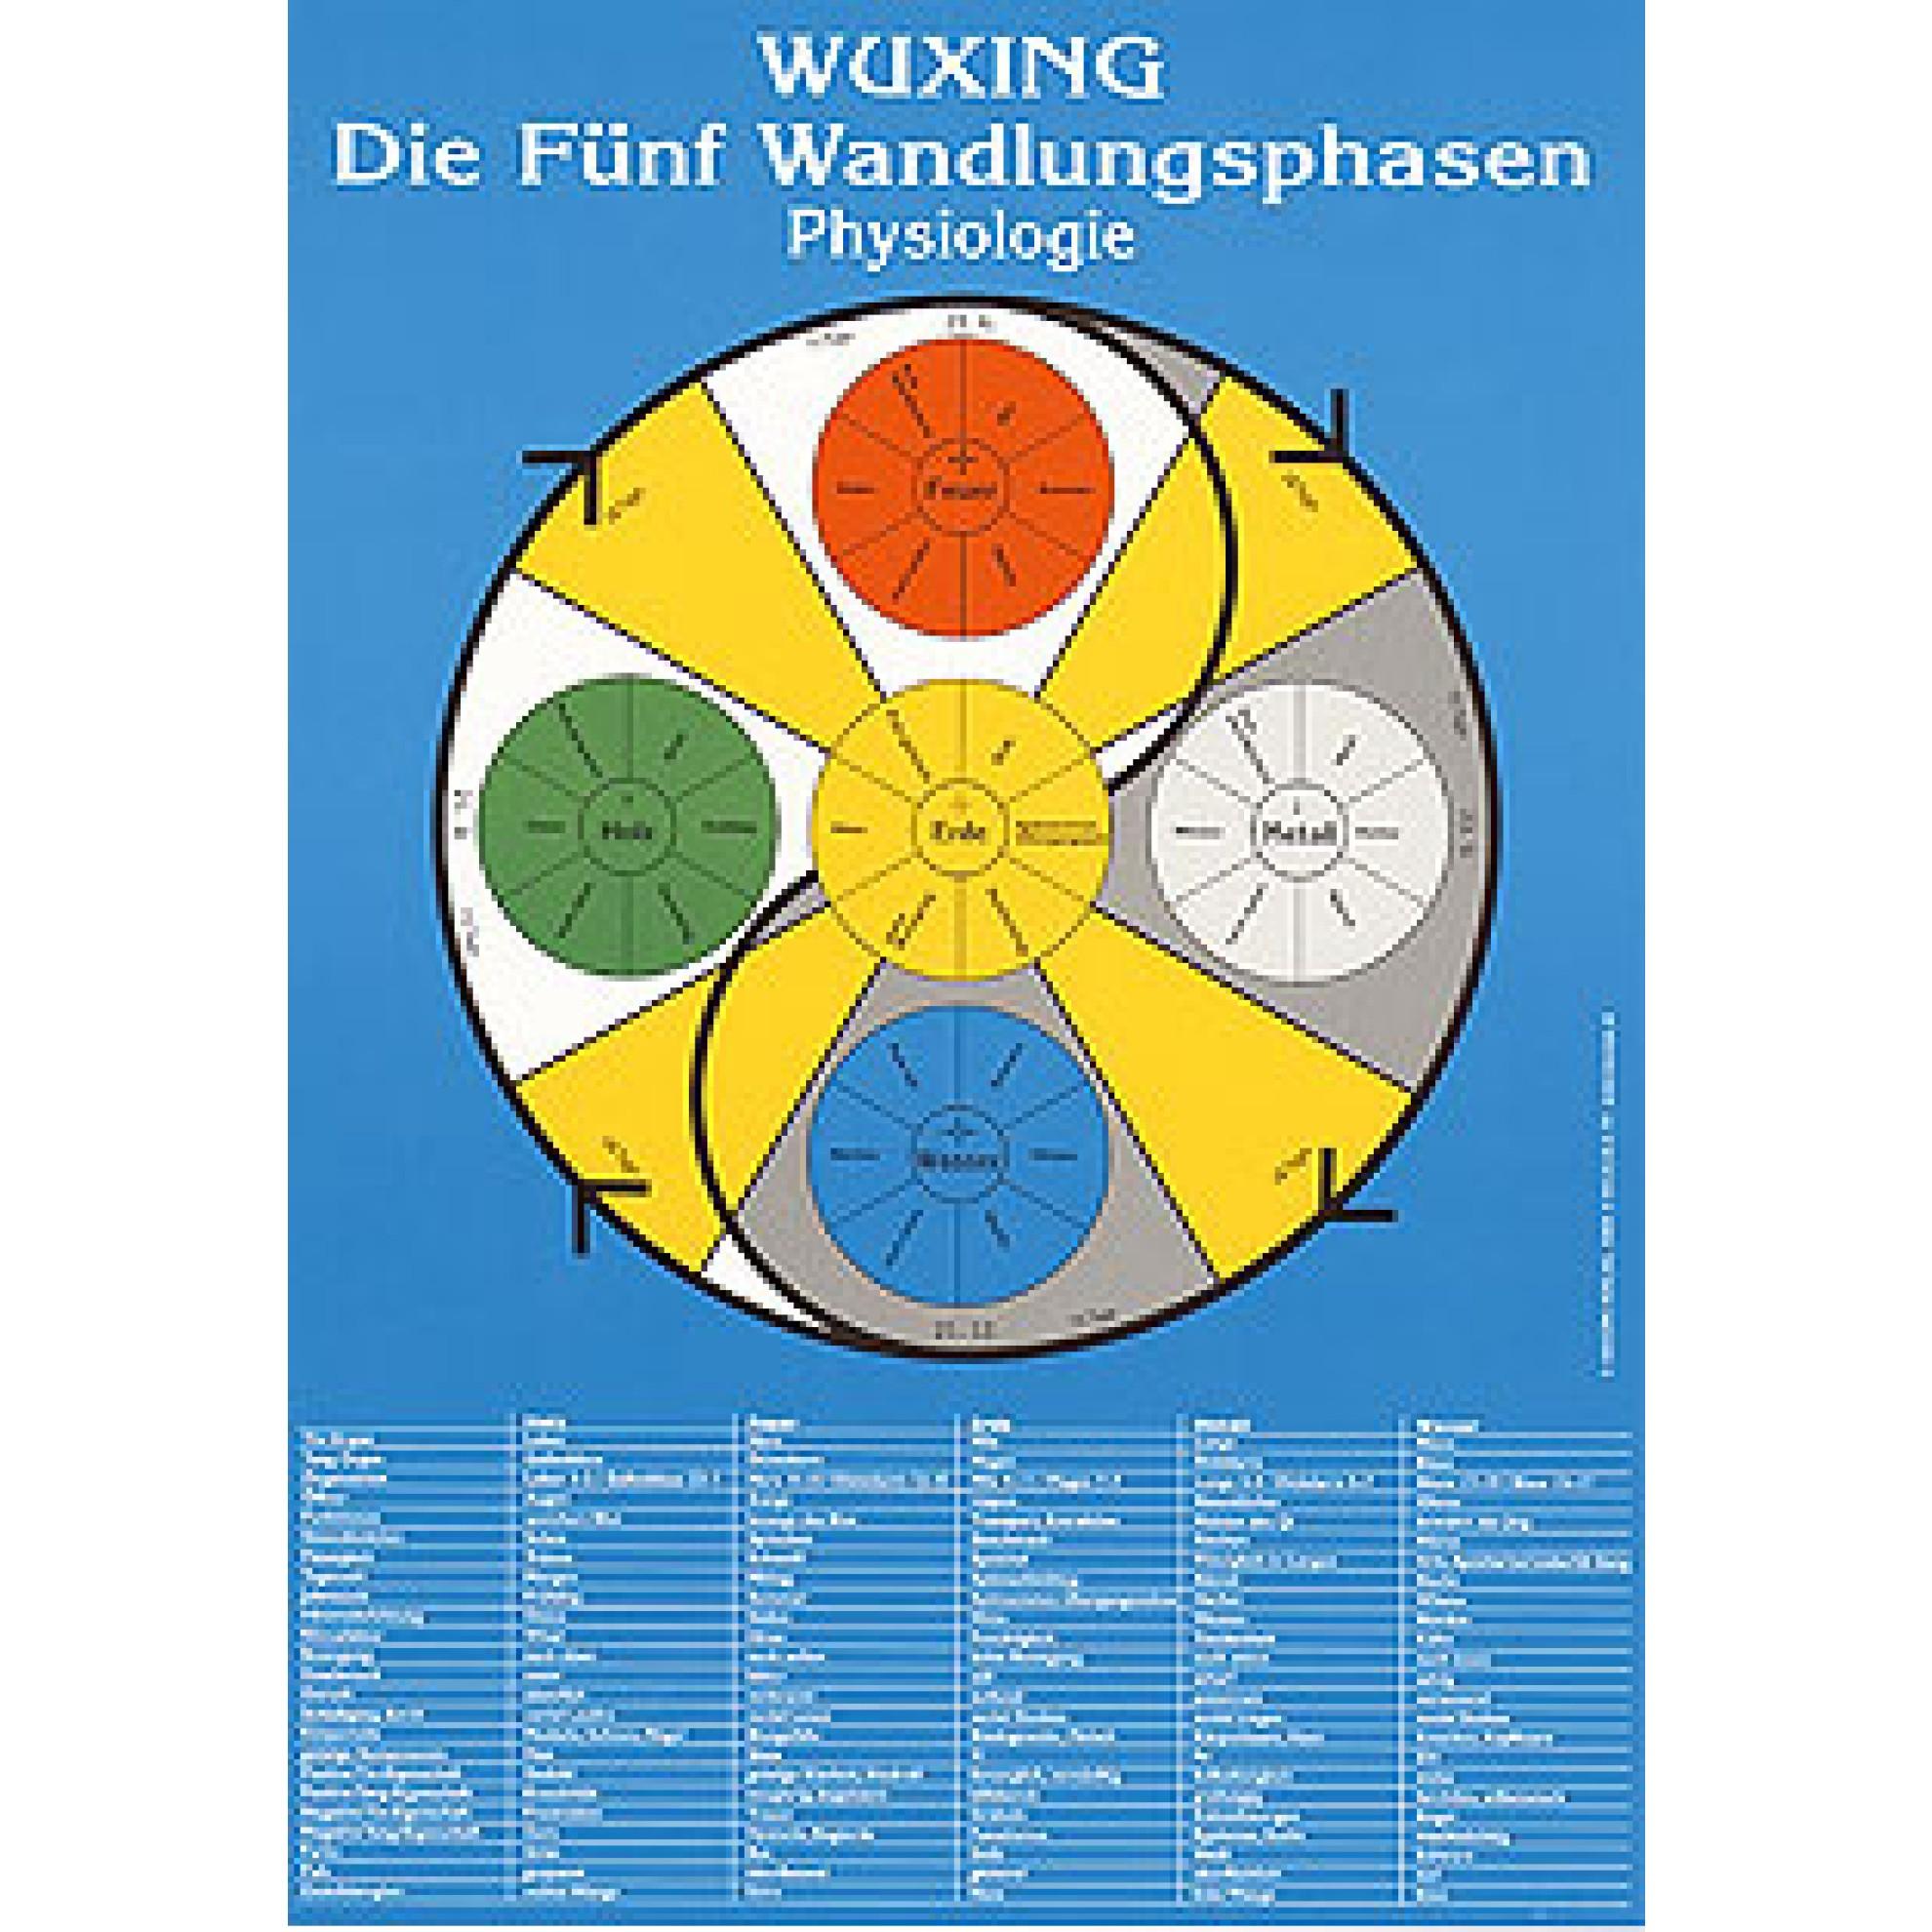 waldgemeinschaft.de/wp-content